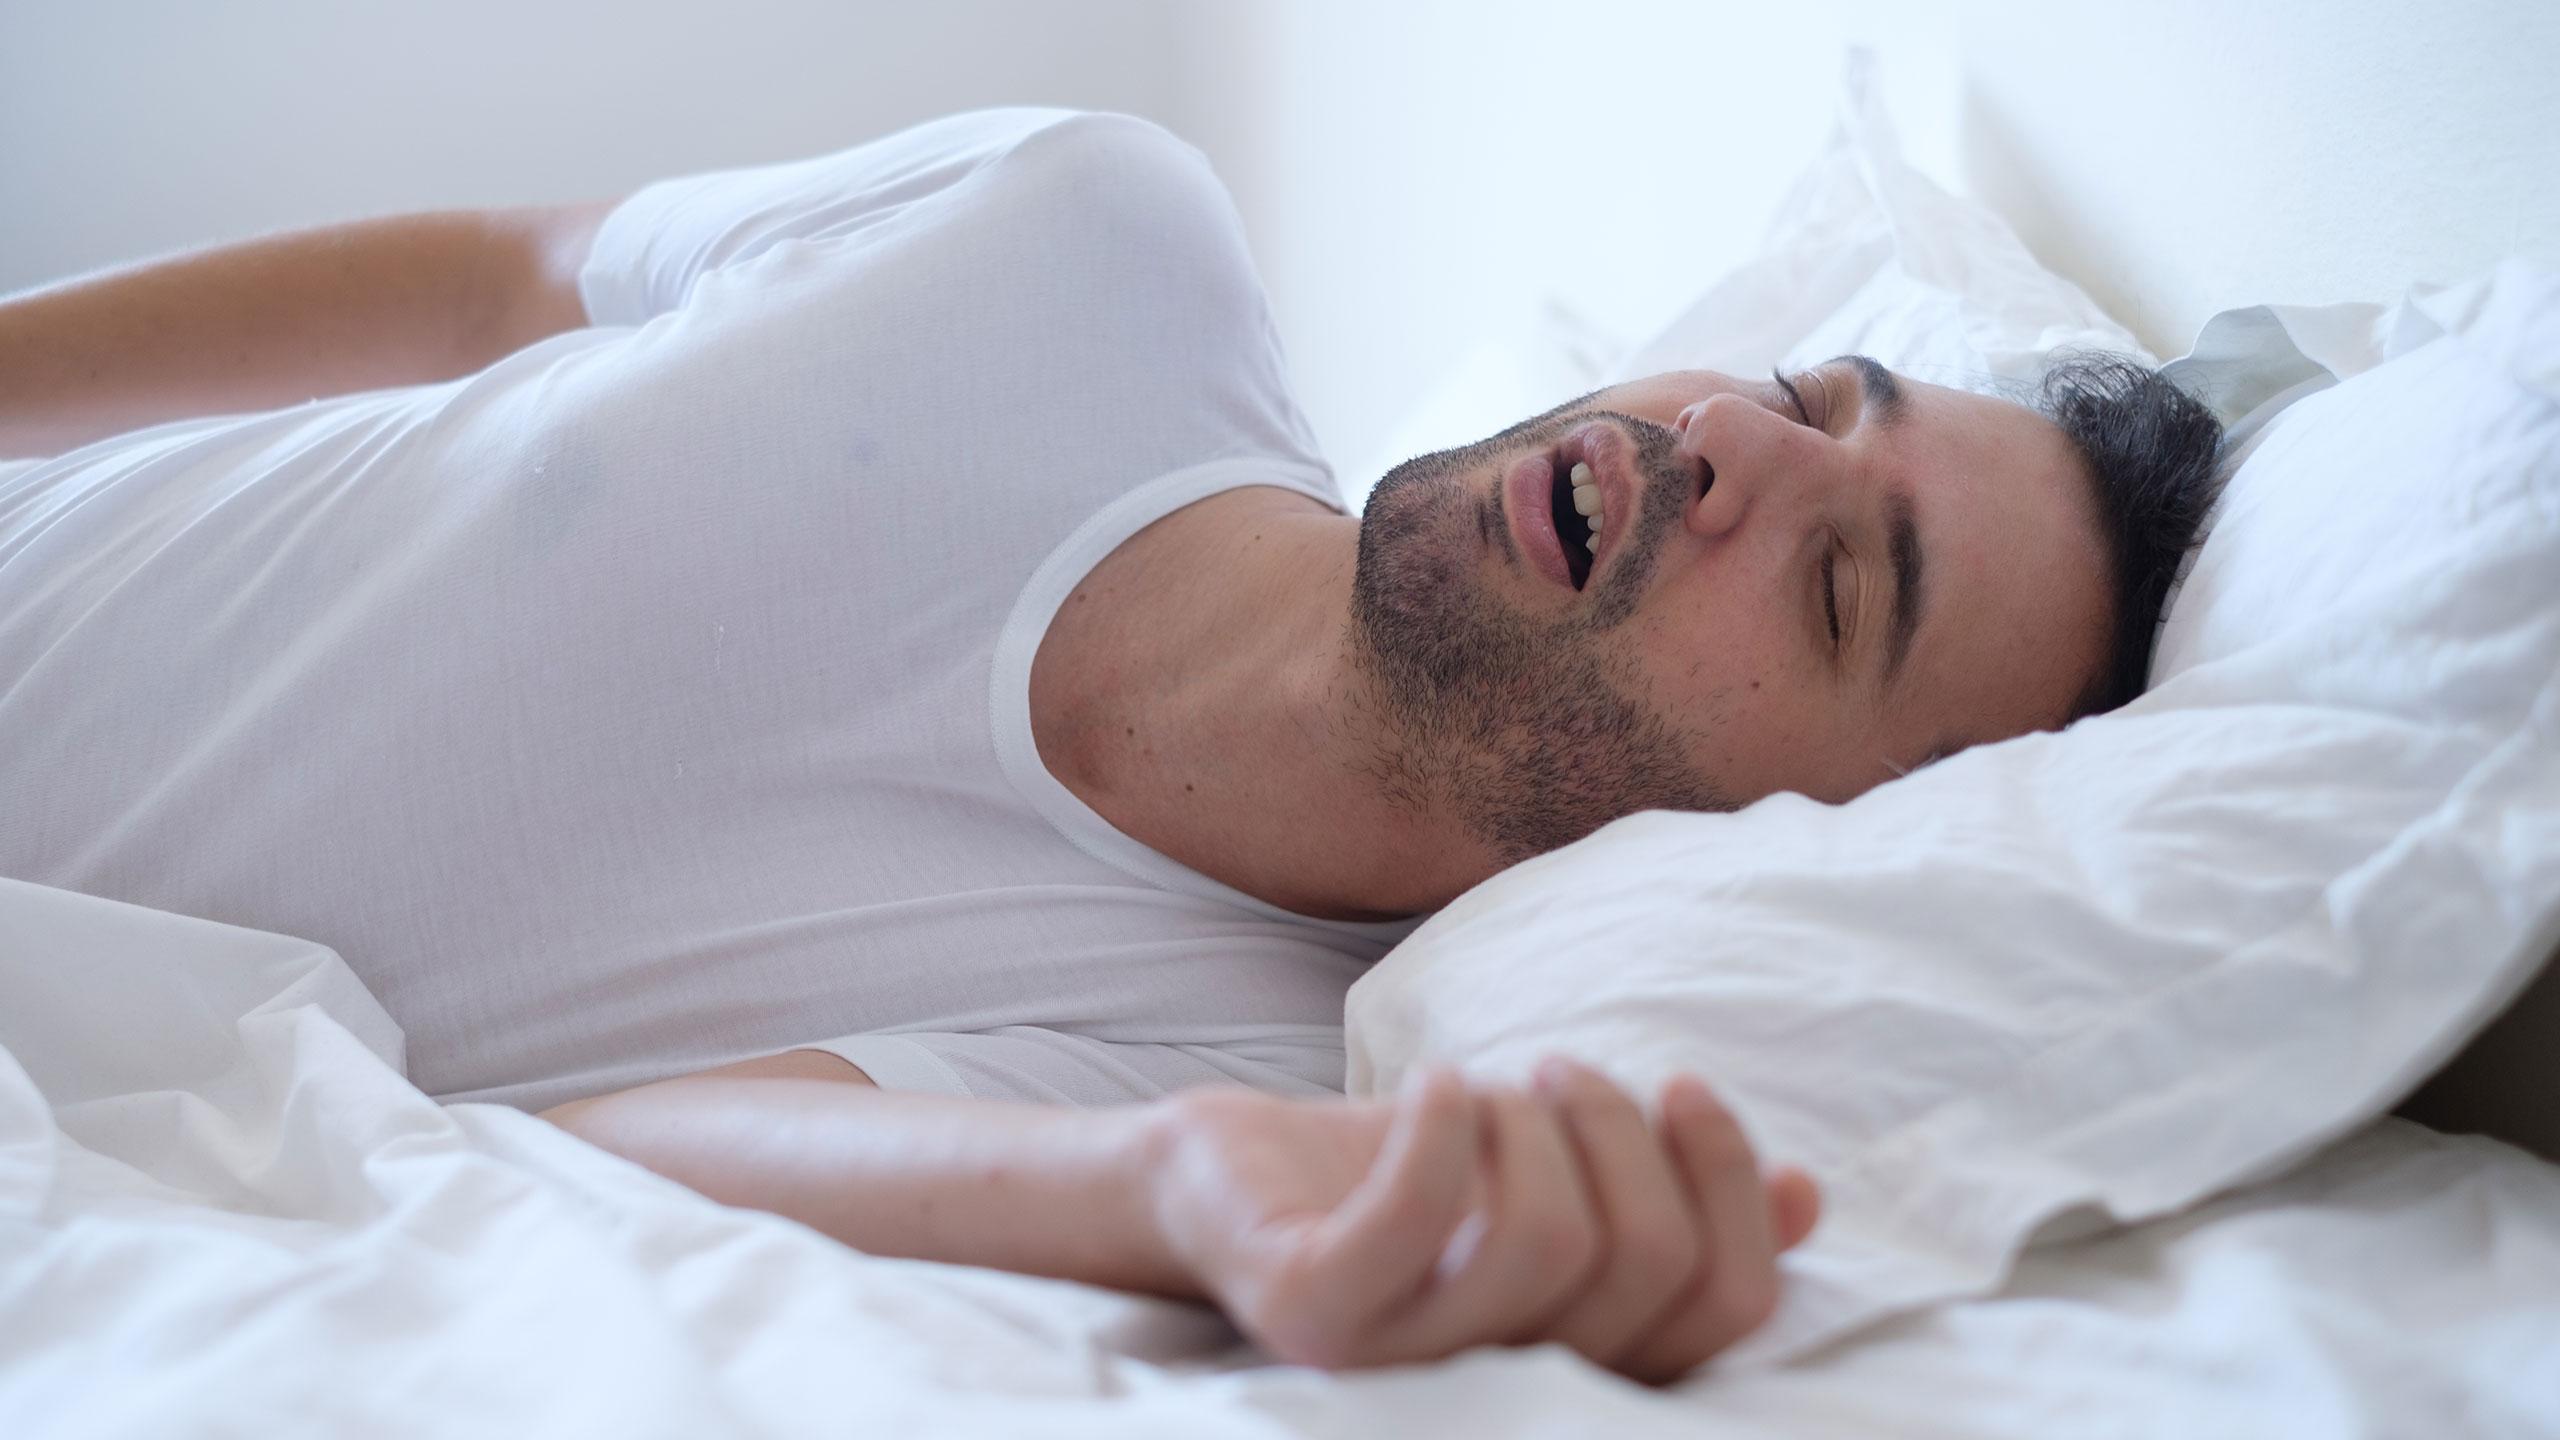 Sleep Apnea image